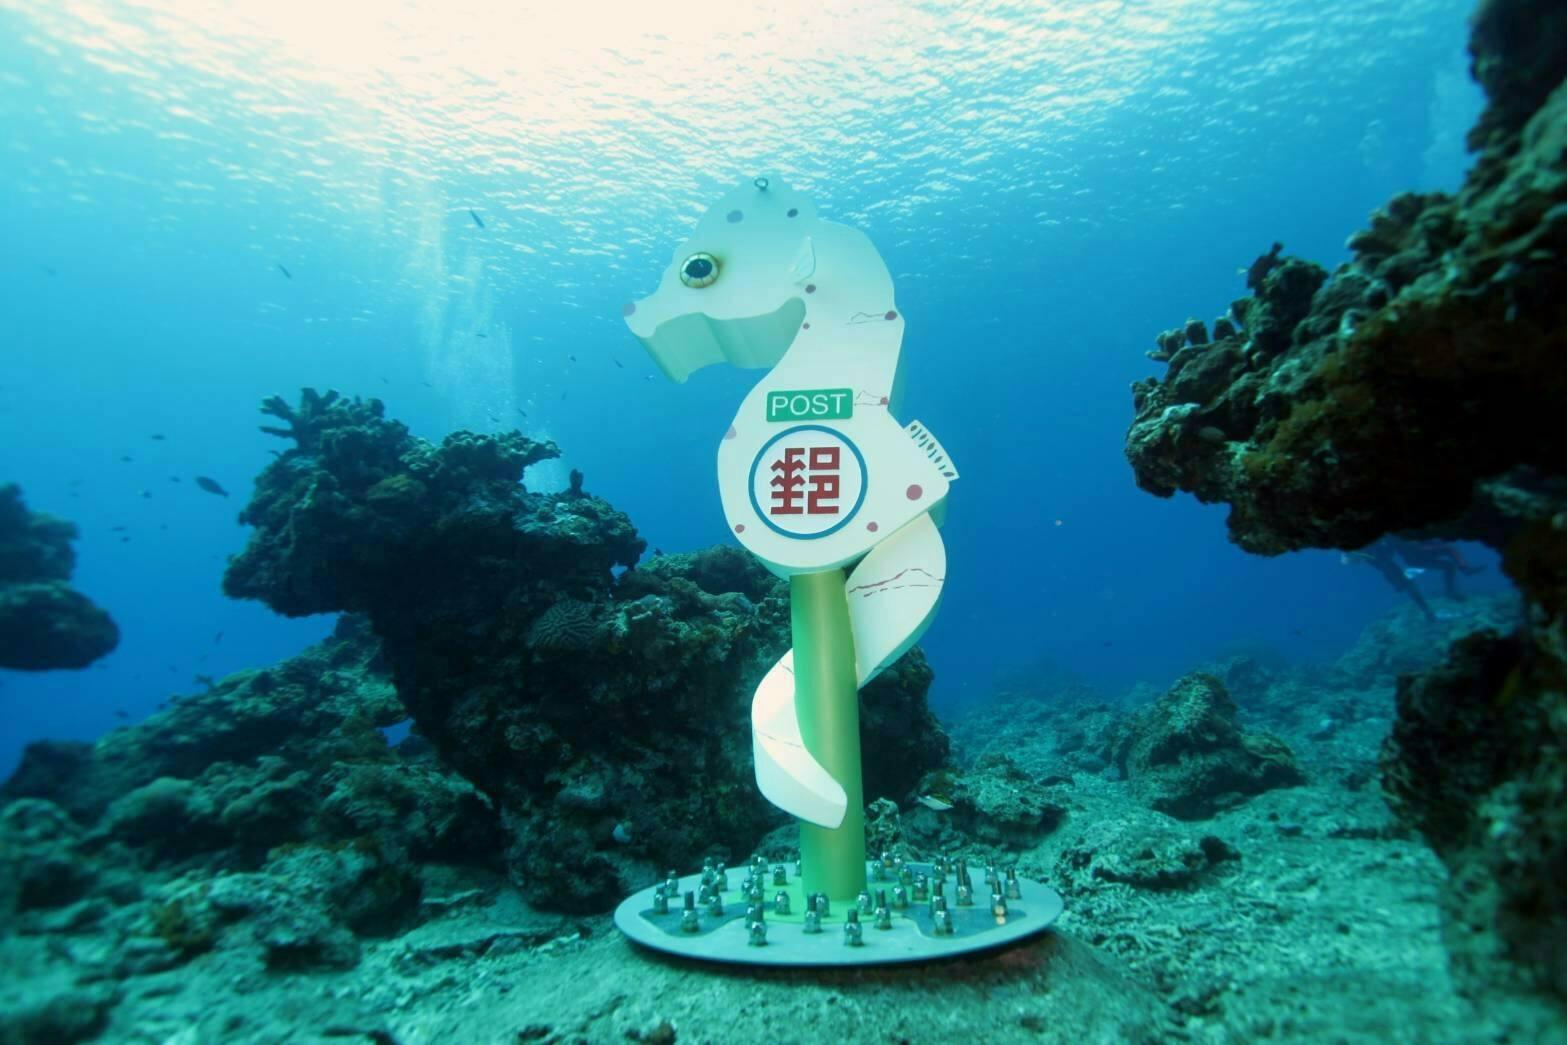 【綠島深海郵筒 - 巨殼海馬與3D雕塑應用】 綠島民宿推薦台東民宿貓追熊親子住宿